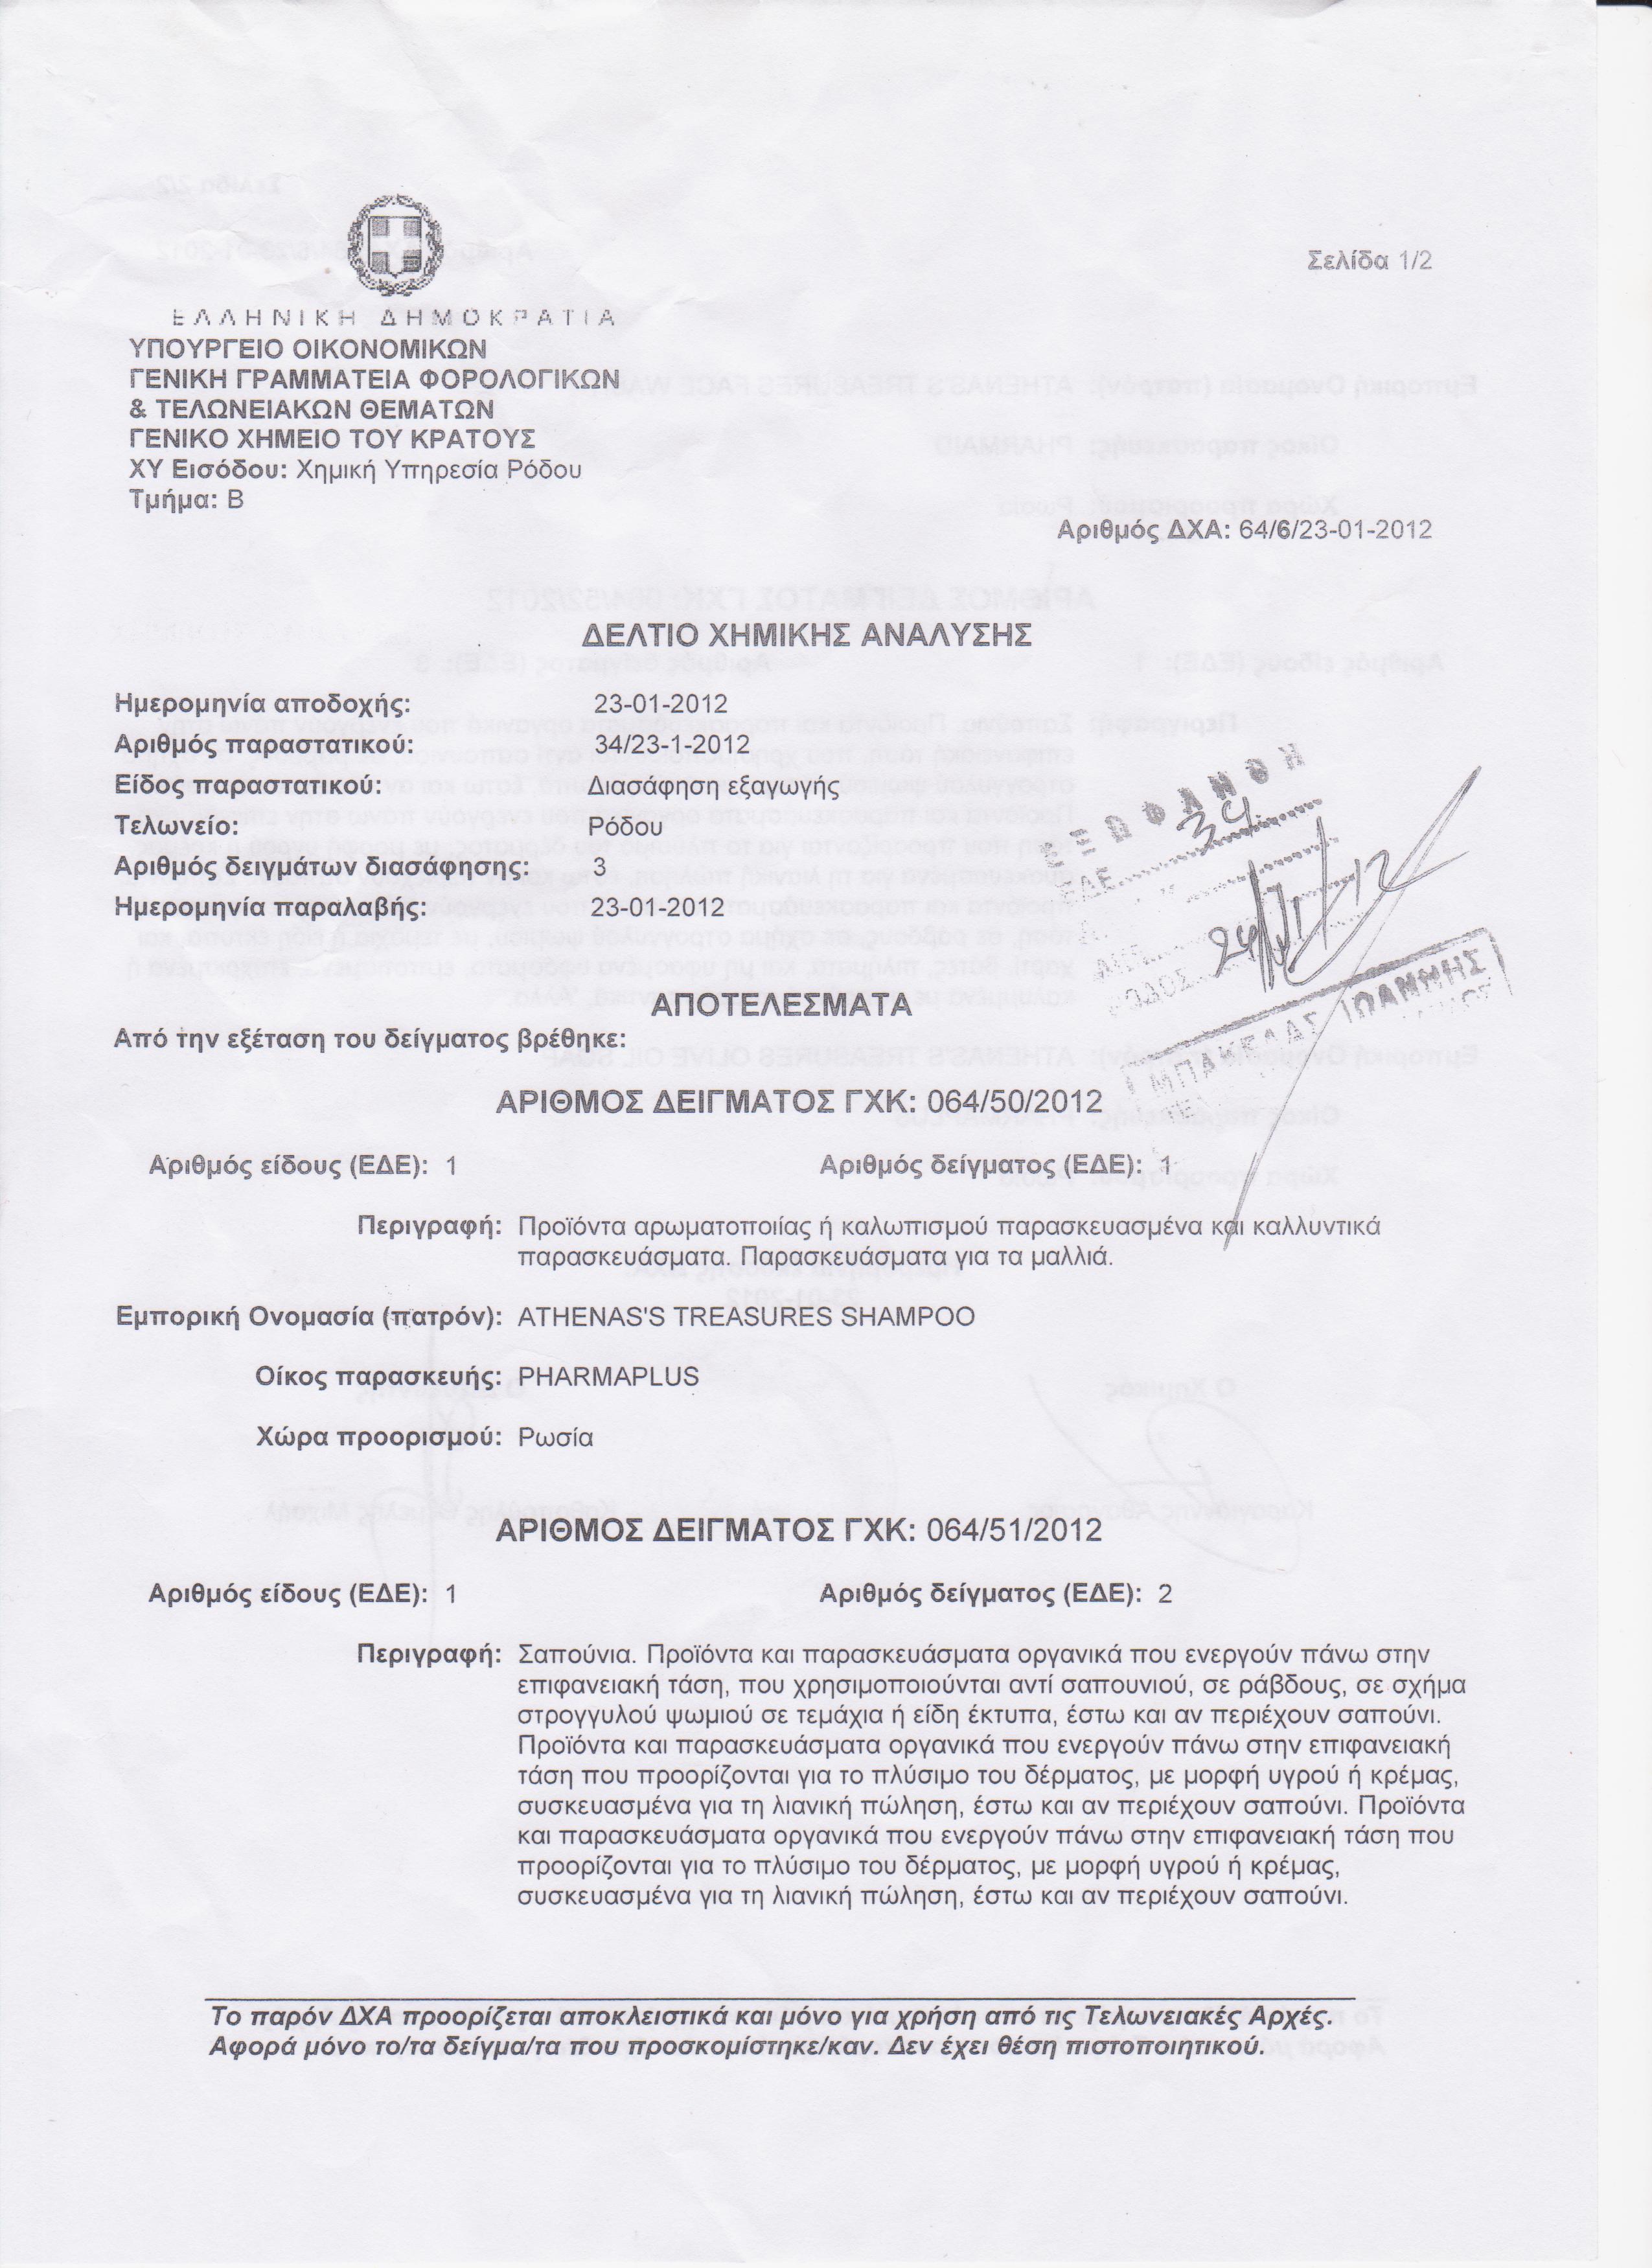 DELTIO_XIMIKIS_ANALYSIS_PAGE-1.jpg